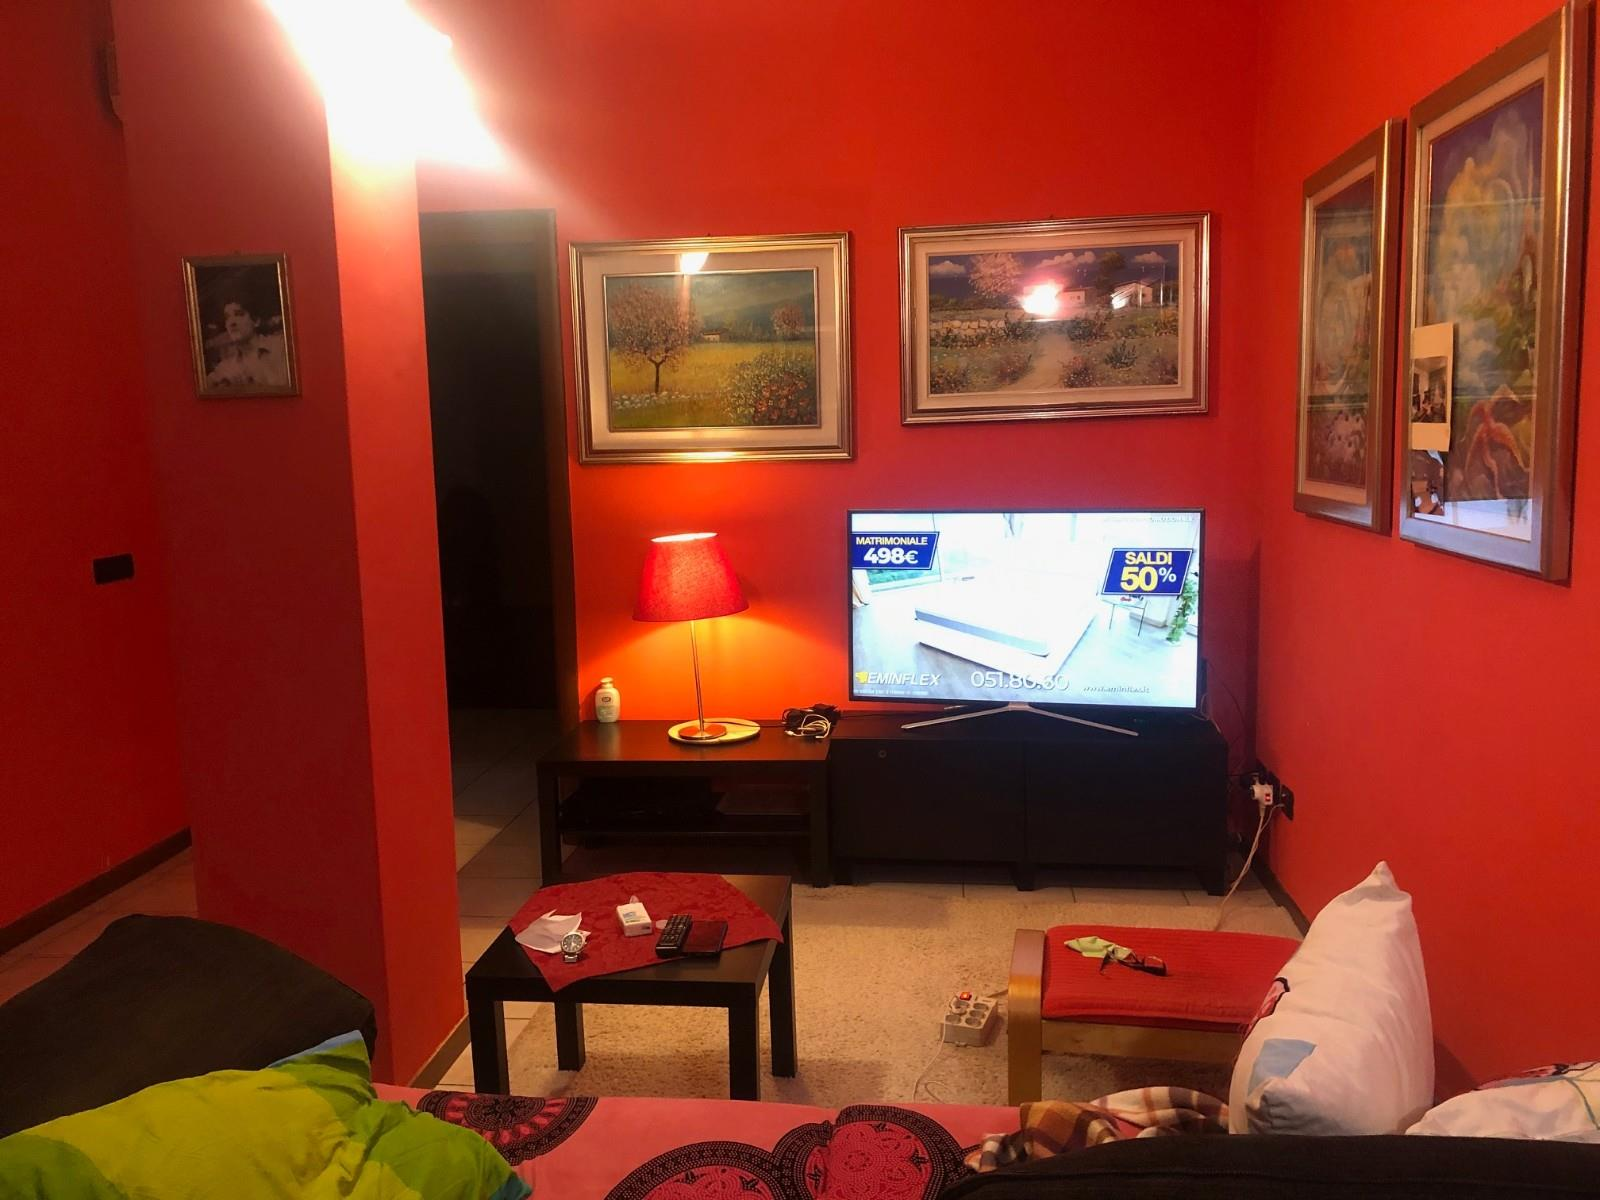 Foto 4 - Appartamento in Vendita - Lissone (Monza e Brianza)